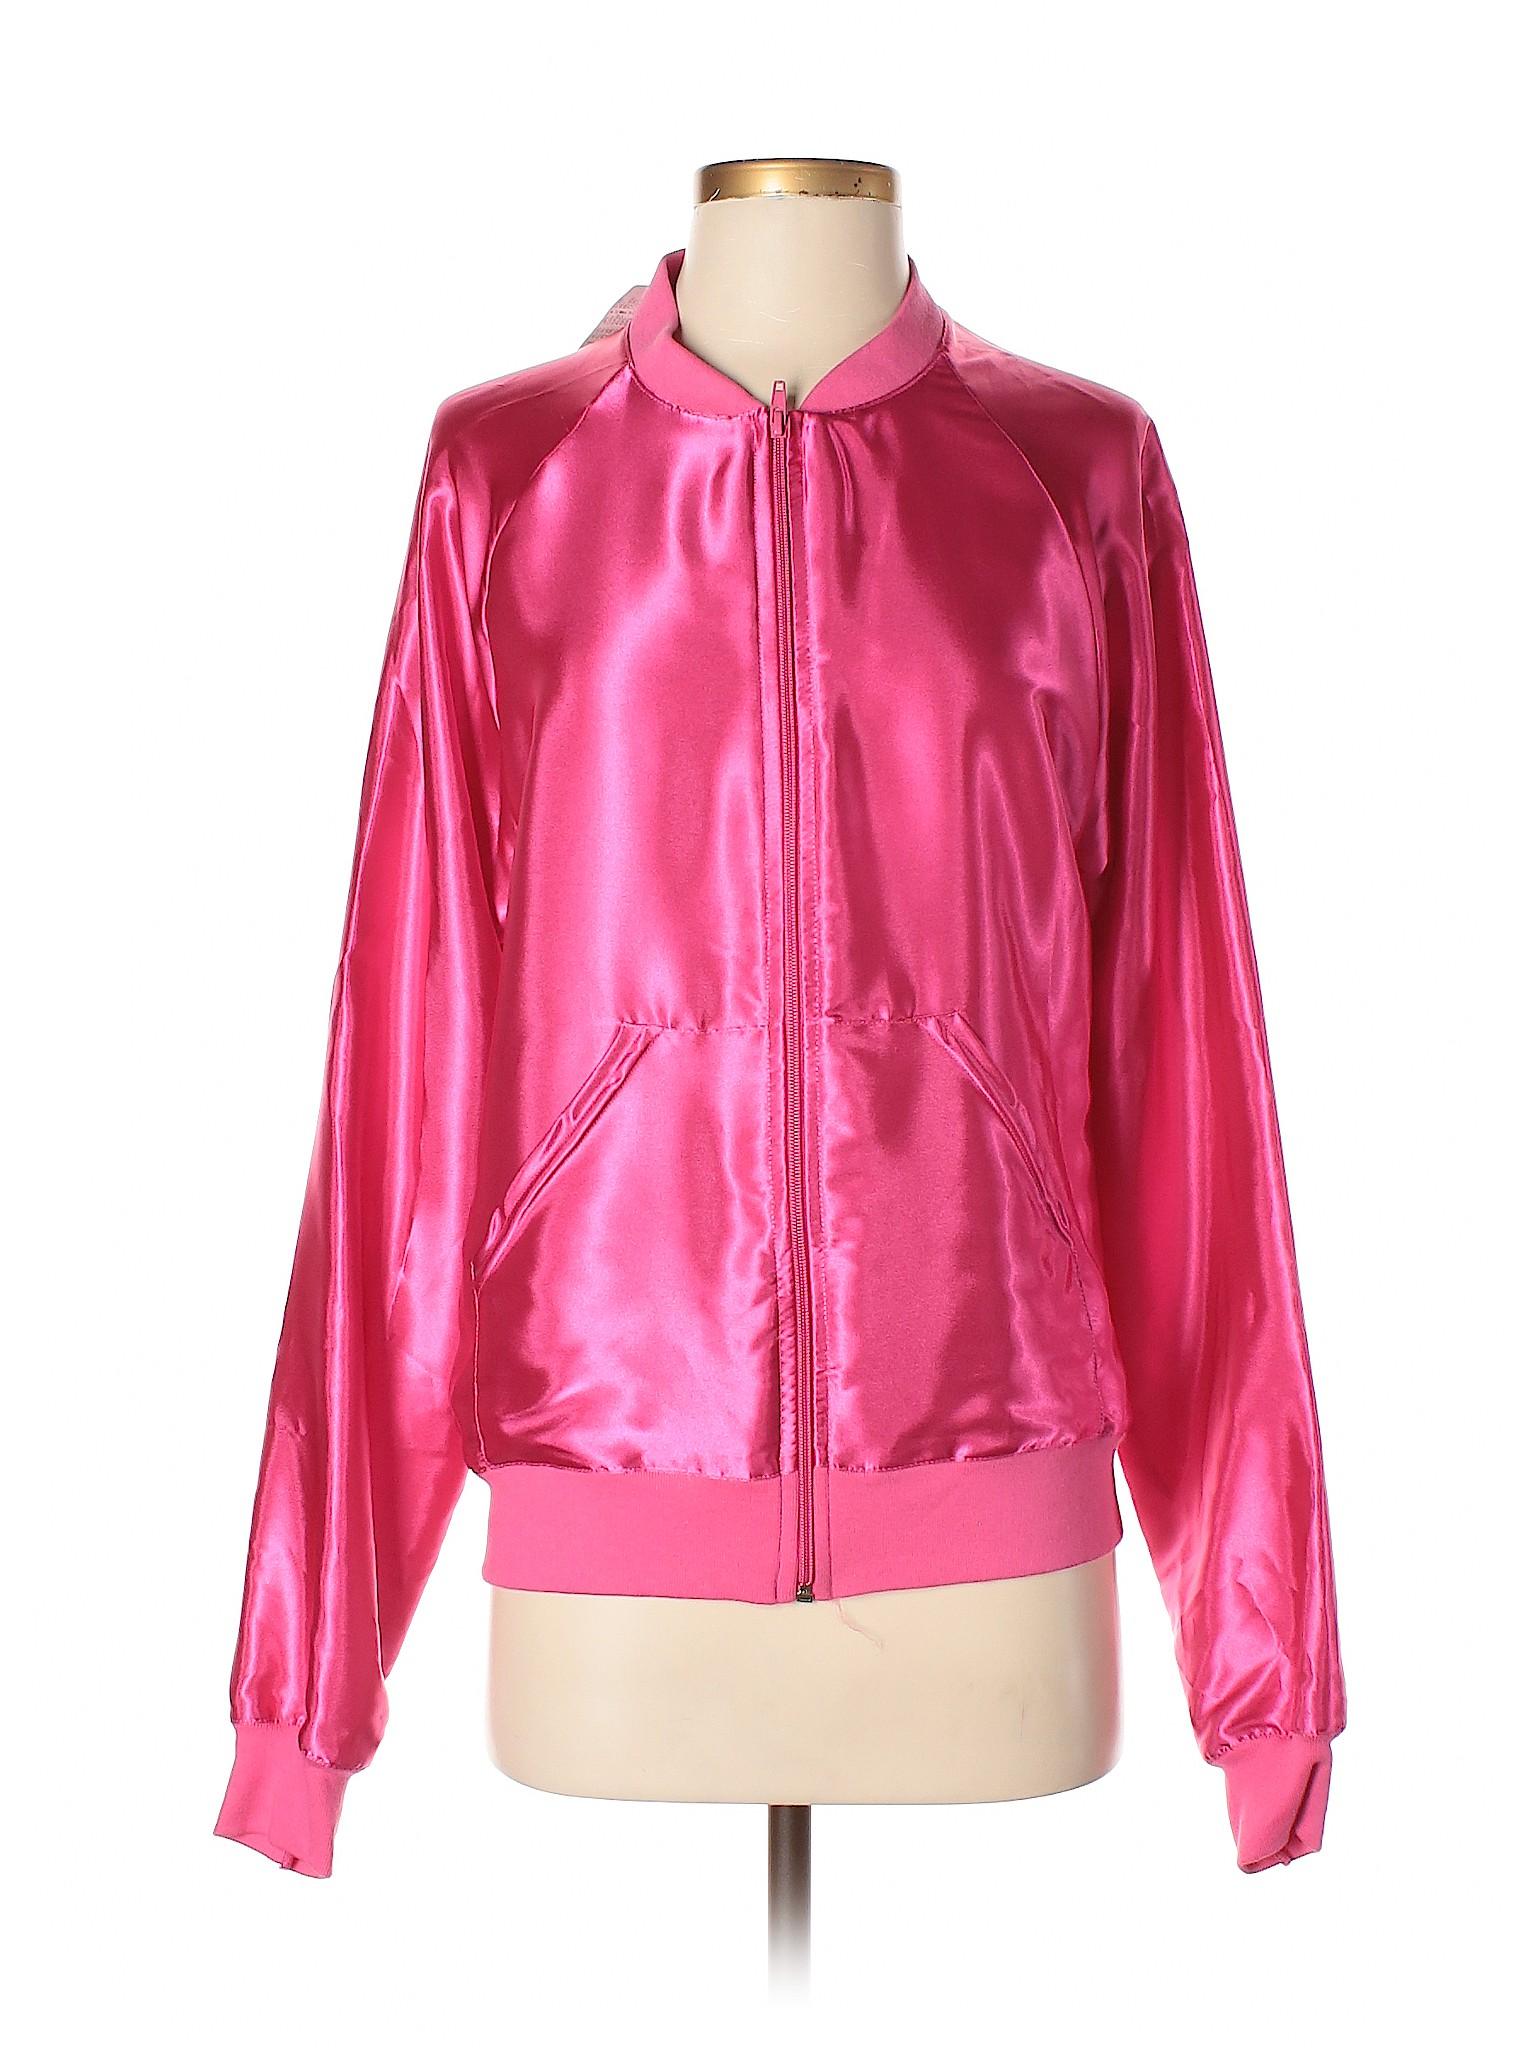 American Boutique Apparel Boutique Boutique Apparel American winter Apparel Jacket winter American winter Jacket Jacket Boutique winter Axpq1AnSRO